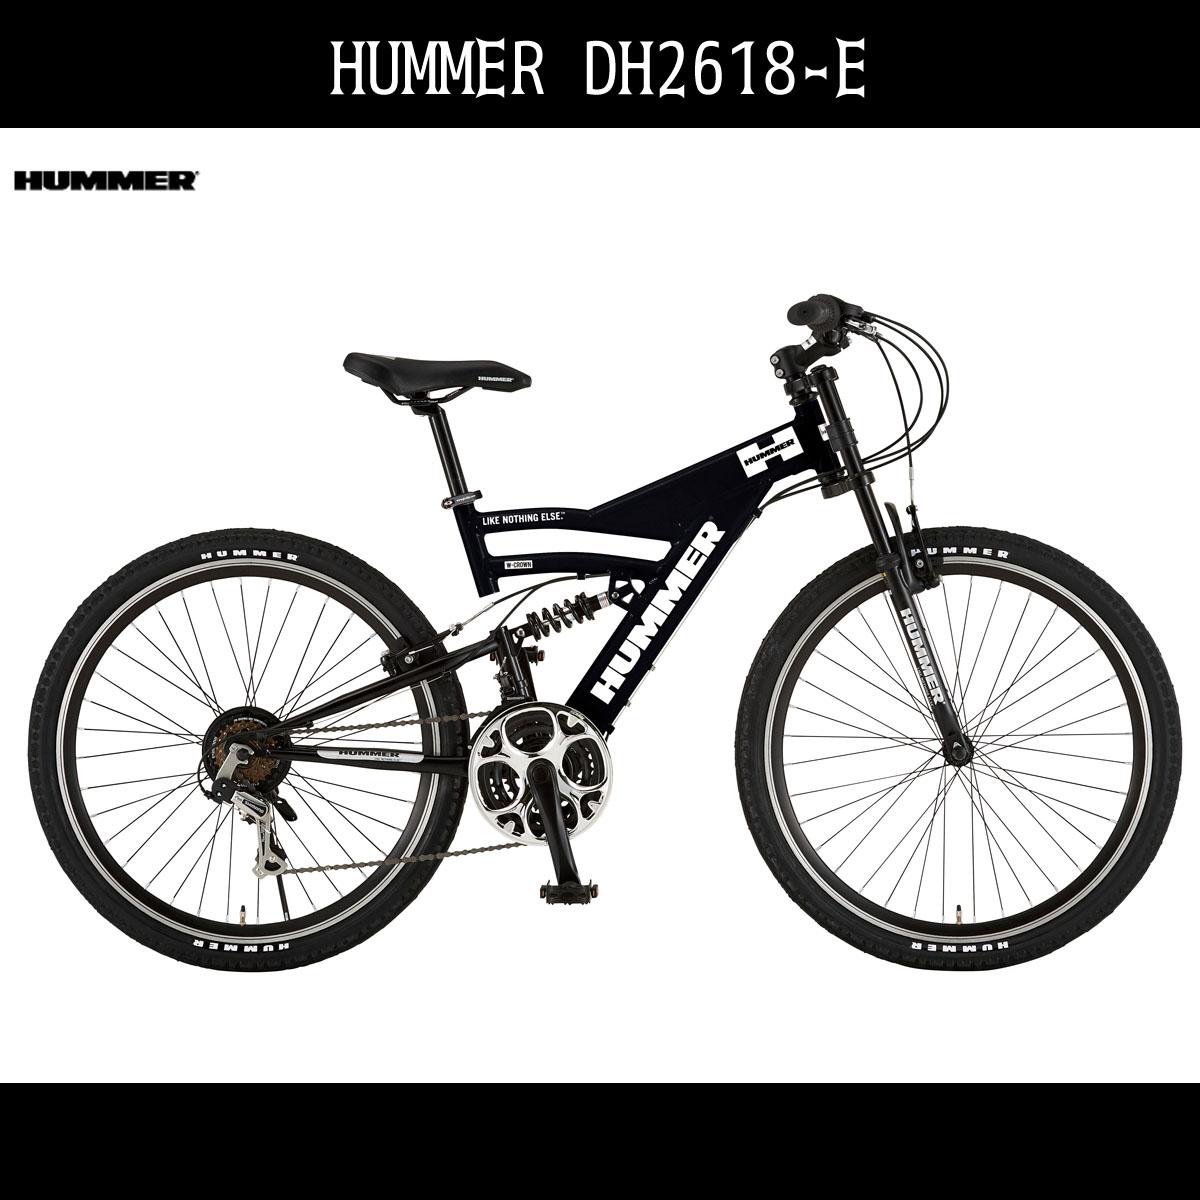 マウンテンバイク ハマー HUMMER 自転車 ブラック 黒 26インチ マウンテンバイク 外装18段変速ギア アルミニウム MTB DH2618-E アルミニウム ハマー 自転車 おしゃれ